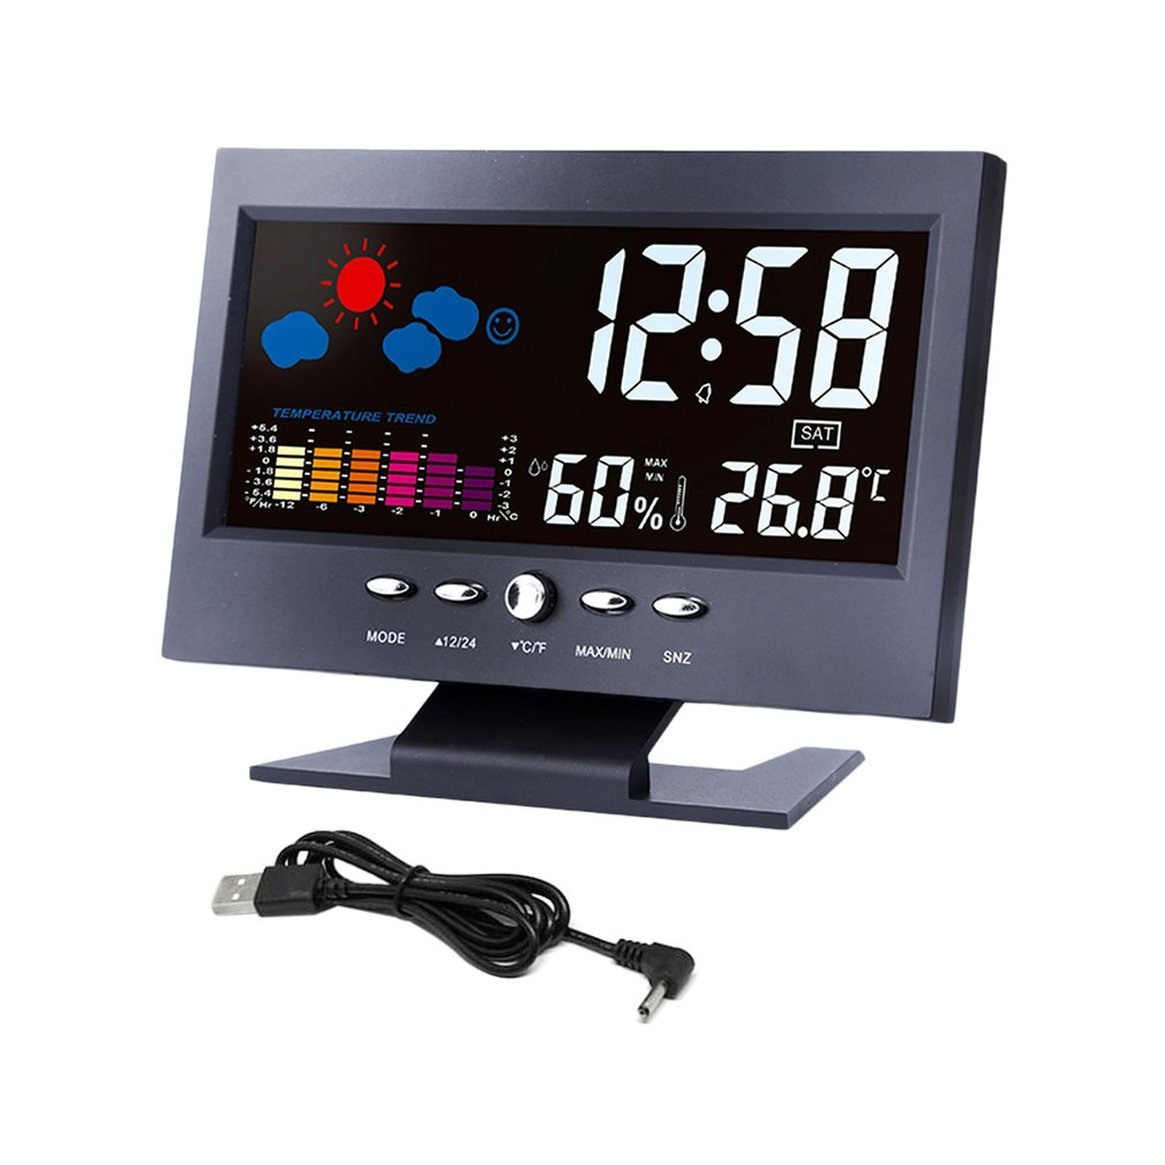 Digital Thermometer Hygrometer Wetterstation Wecker Temperaturanzeige Bunter LCD Kalender Sprachaktiviert Delicacydex